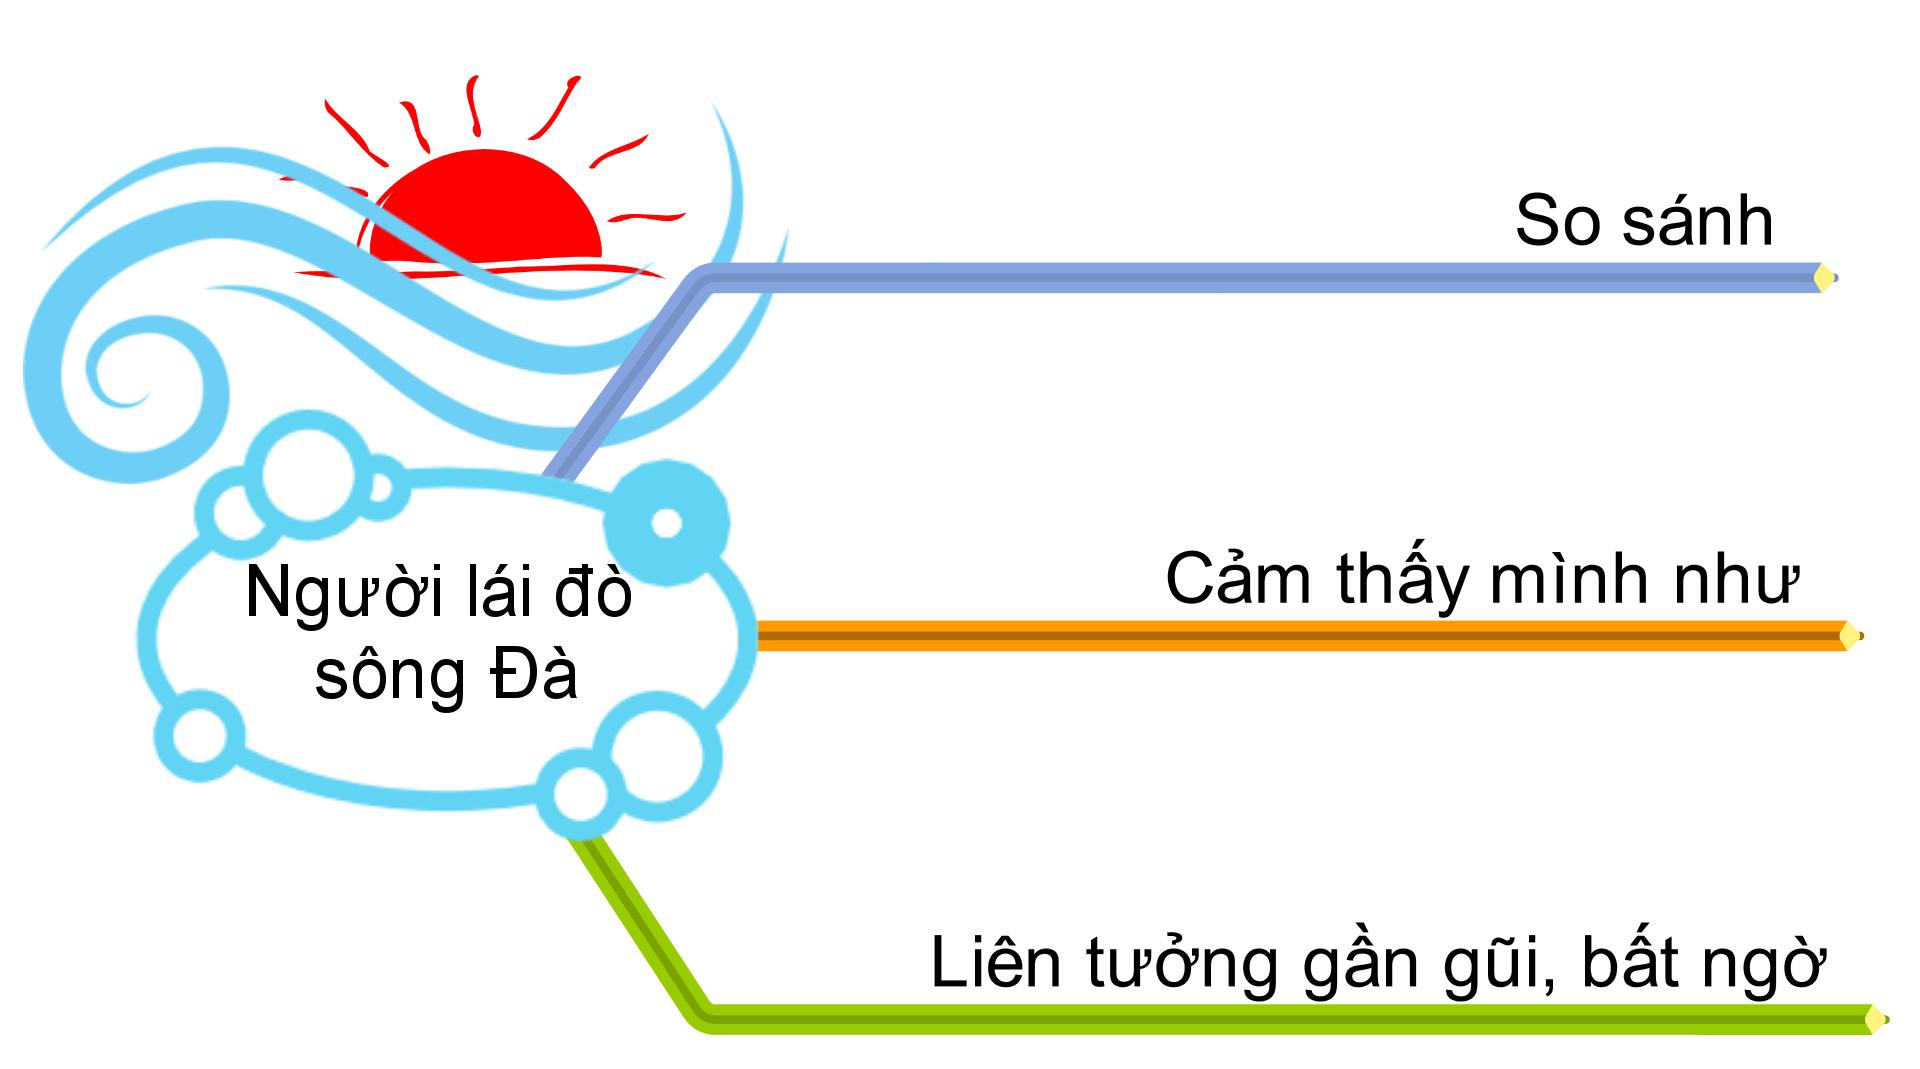 nguoi-lai-do-song-da